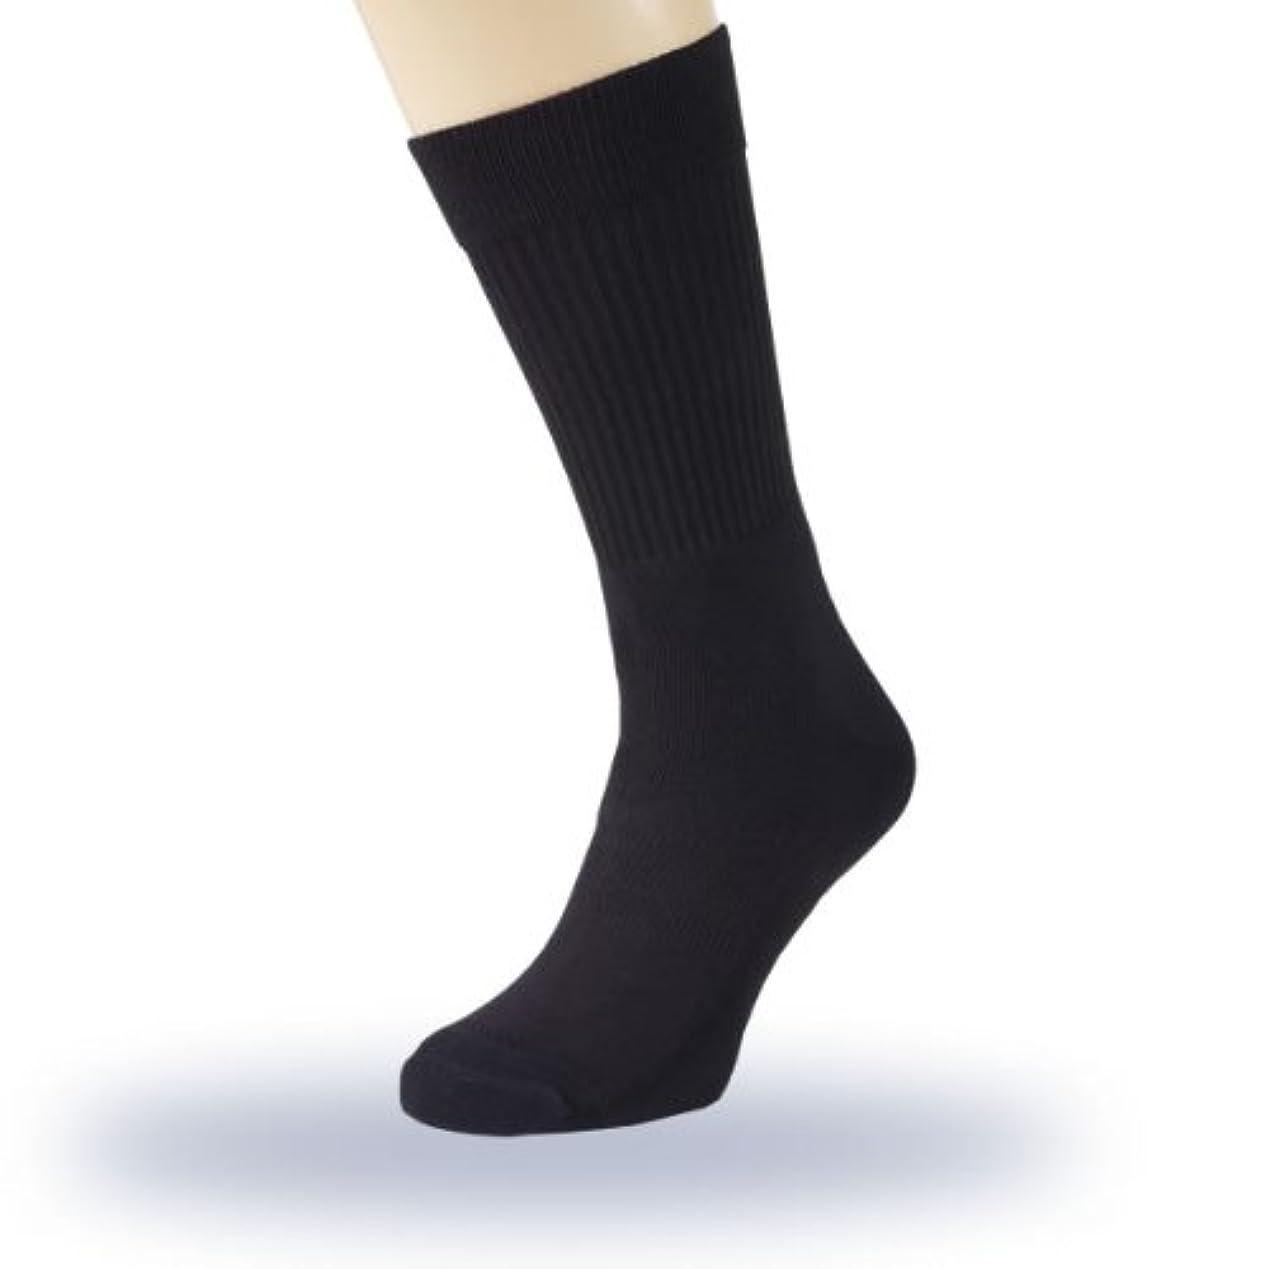 安定した比類のない隣接するフットケアソックス PROTECT iT(プロテクトイット) 男女兼用 ブラック (S 20cm~22.5cm)